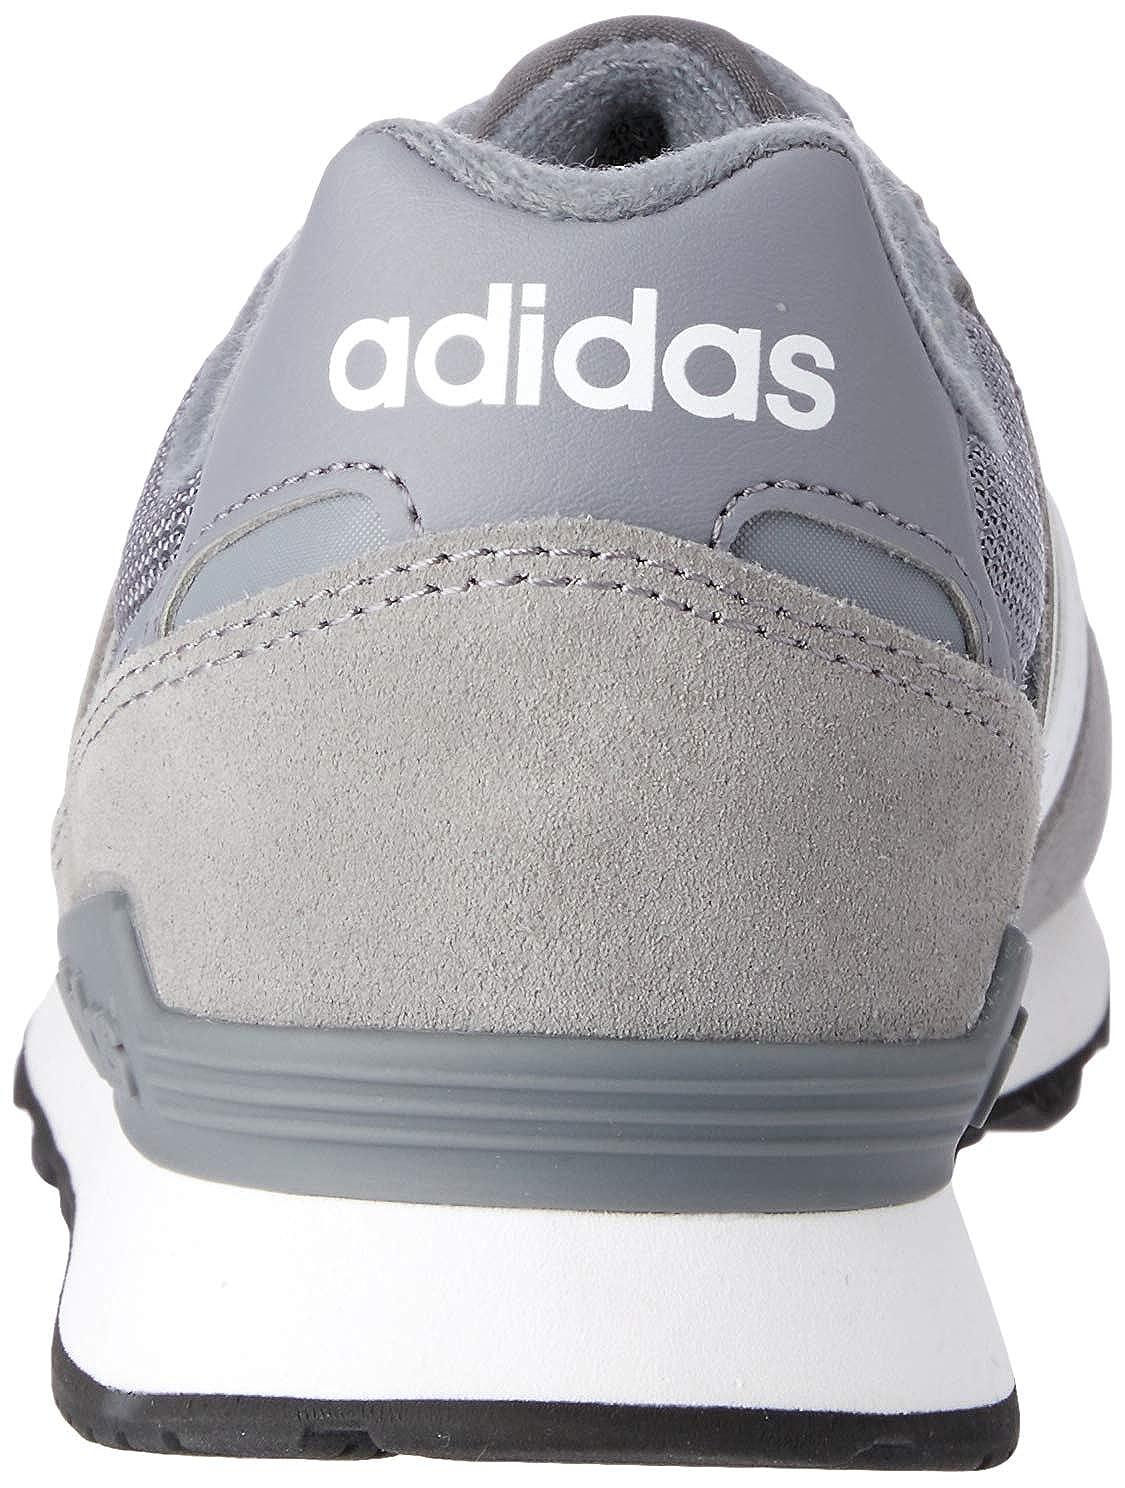 adidas Herren 10k Fitnessschuhe, blau